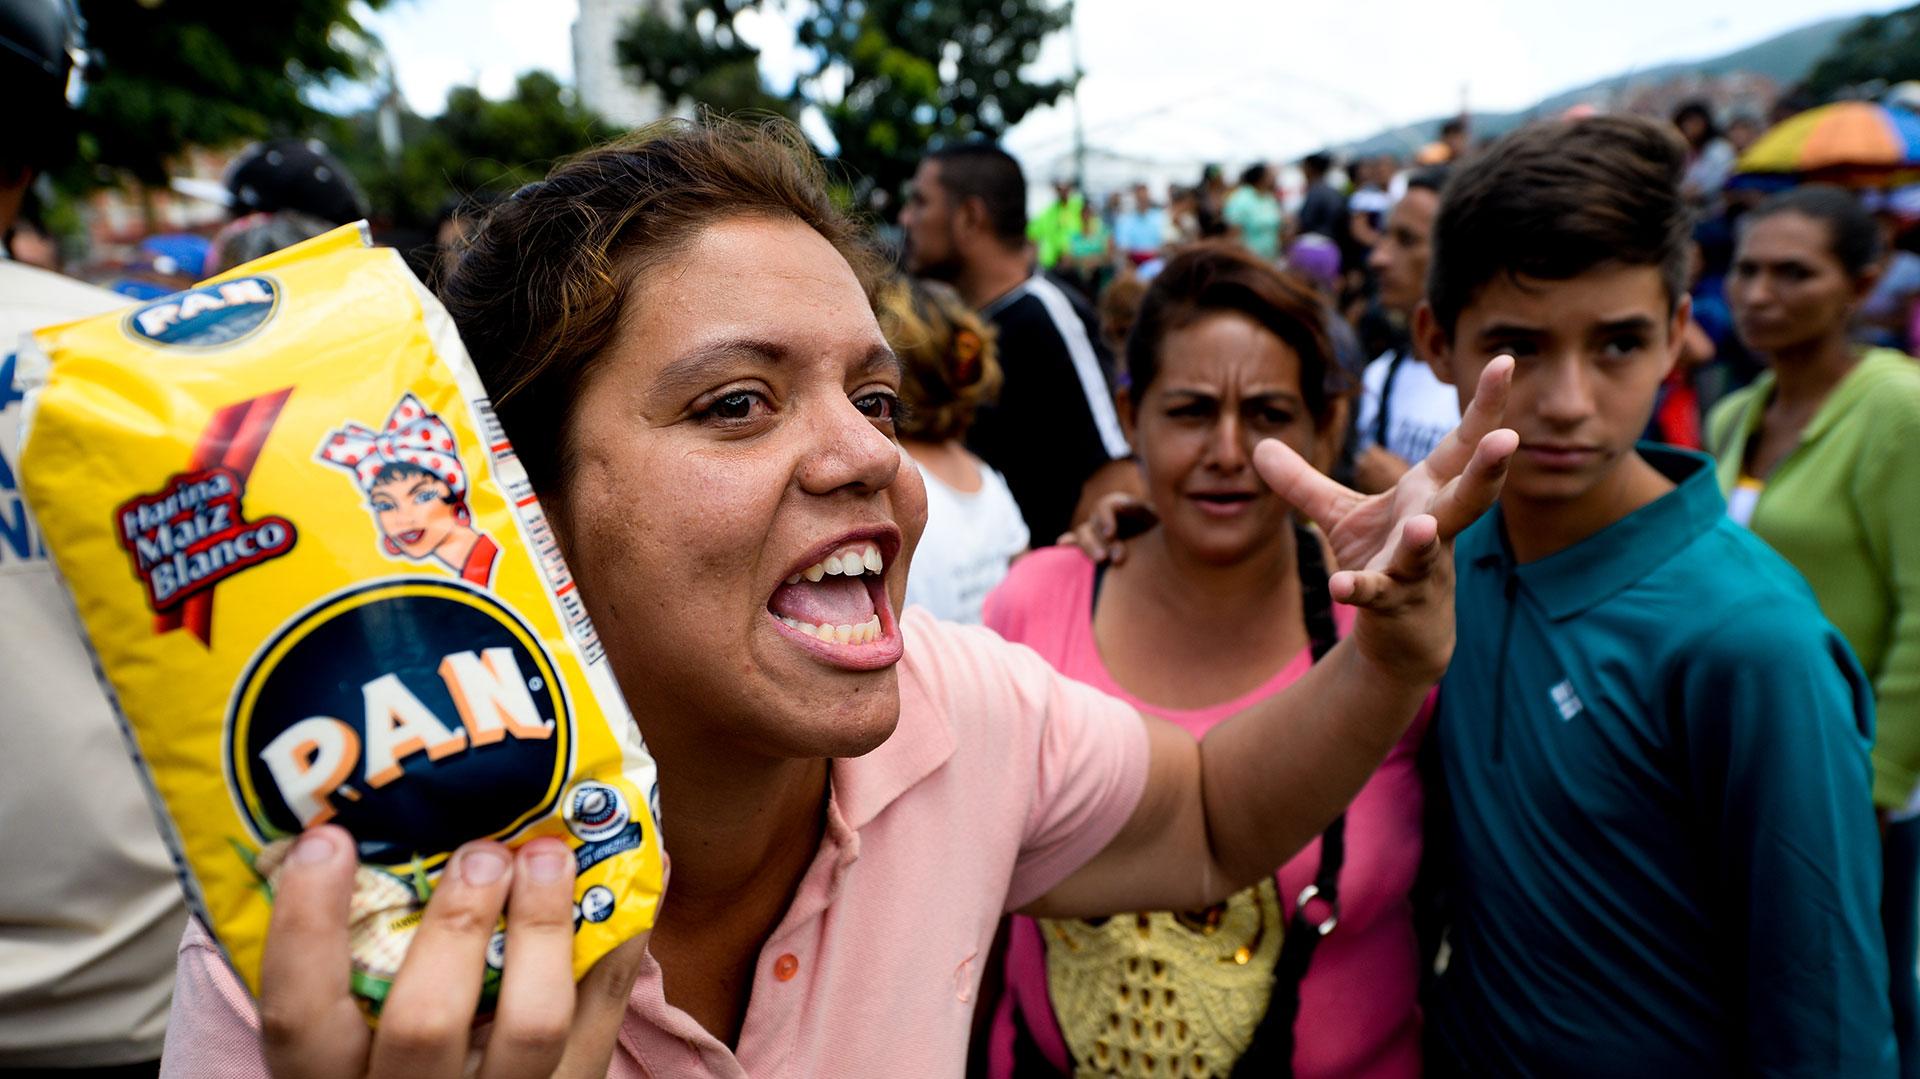 En Venezuela faltan los productos básicos y las filas para conseguir alimentos son cosa de todos los días (AFP)